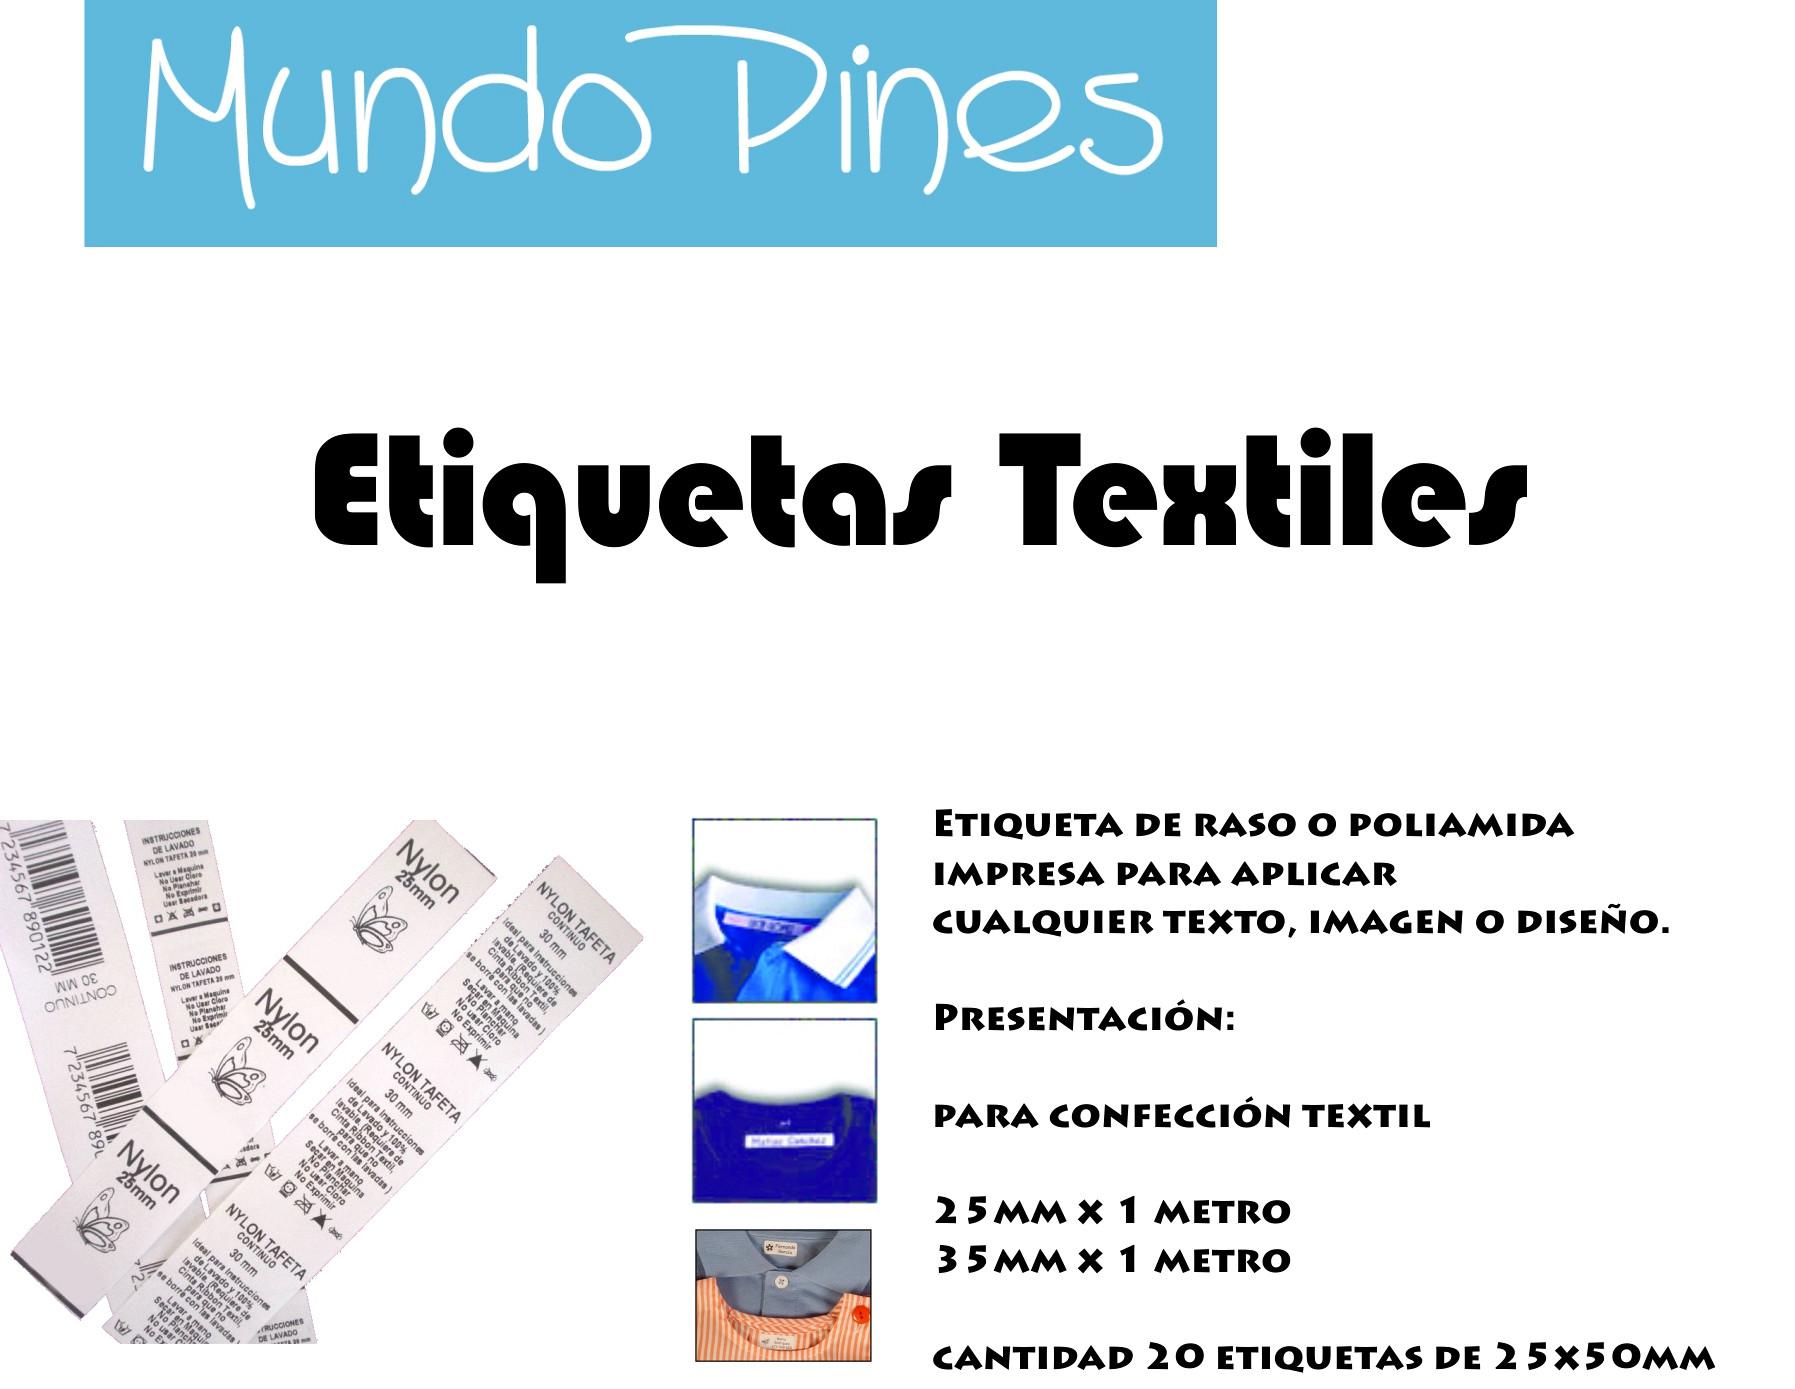 Etiqueta textil raso o poliamida 30mm mundopines - Sabanas de raso precio ...